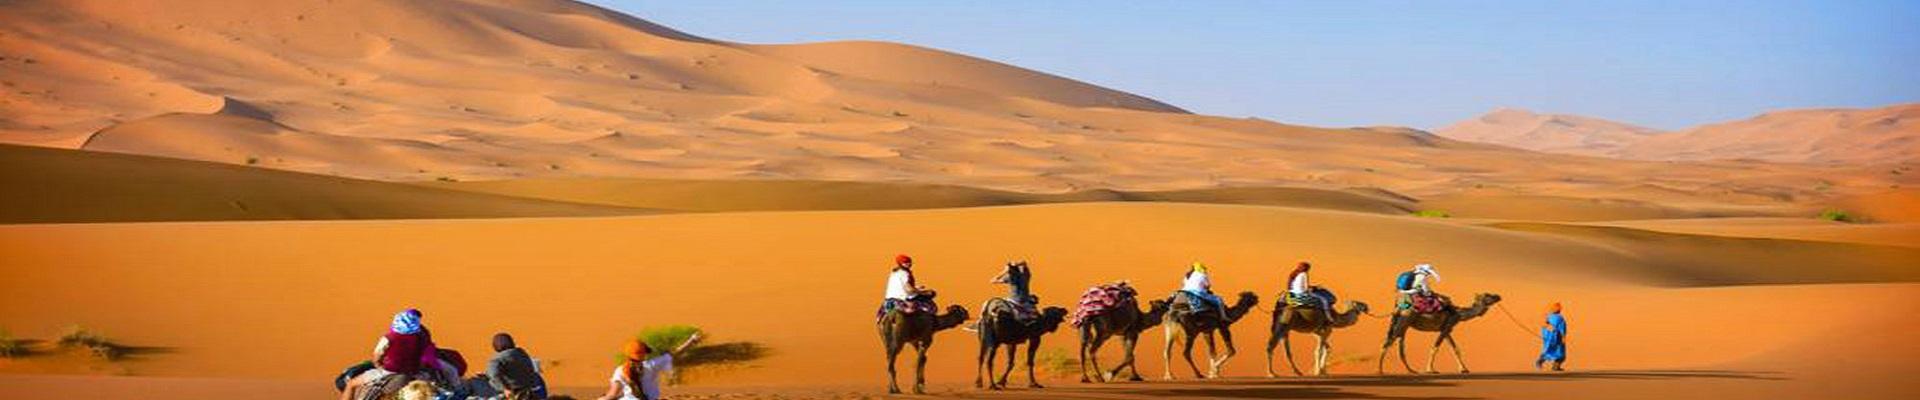 Oásis, Dunas e Deserto do Marrocos